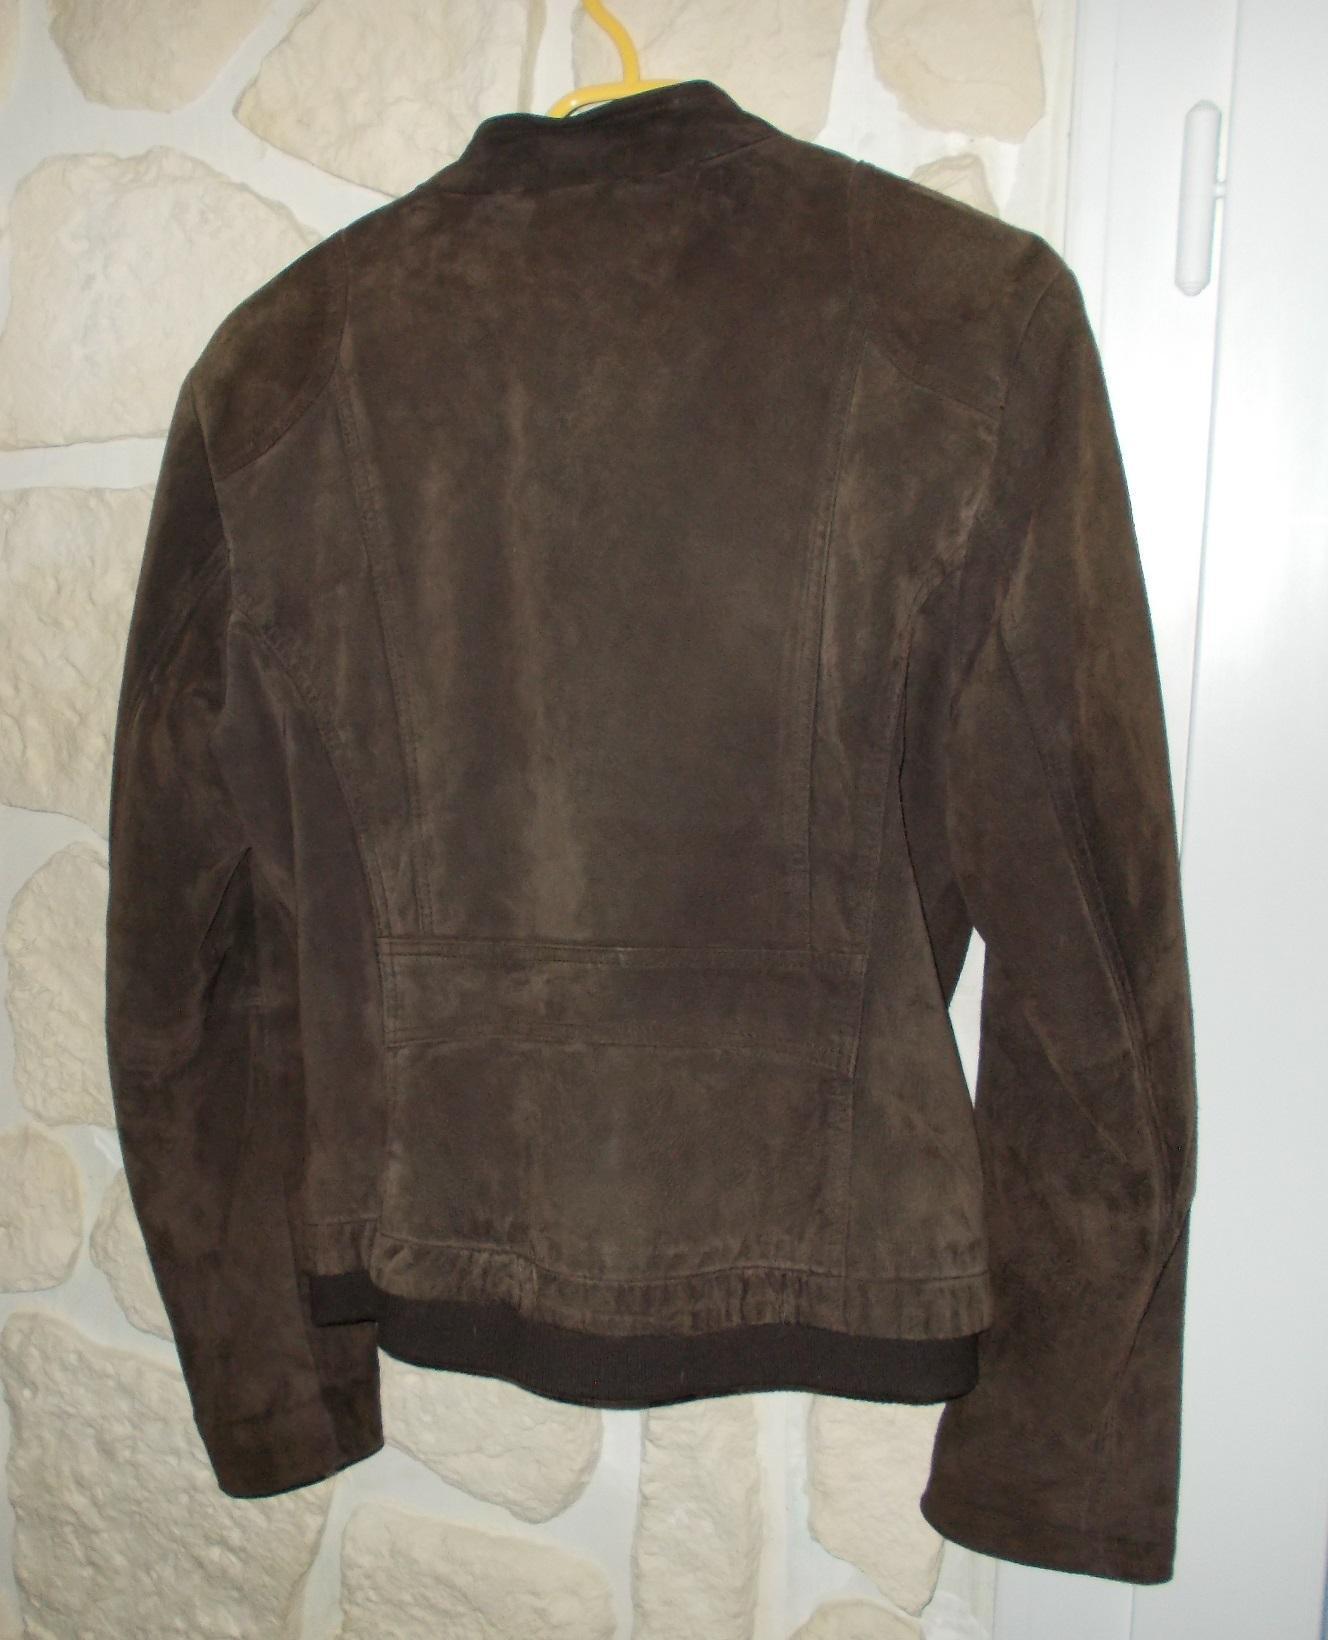 troc de troc veste en cuir 40/42 image 1